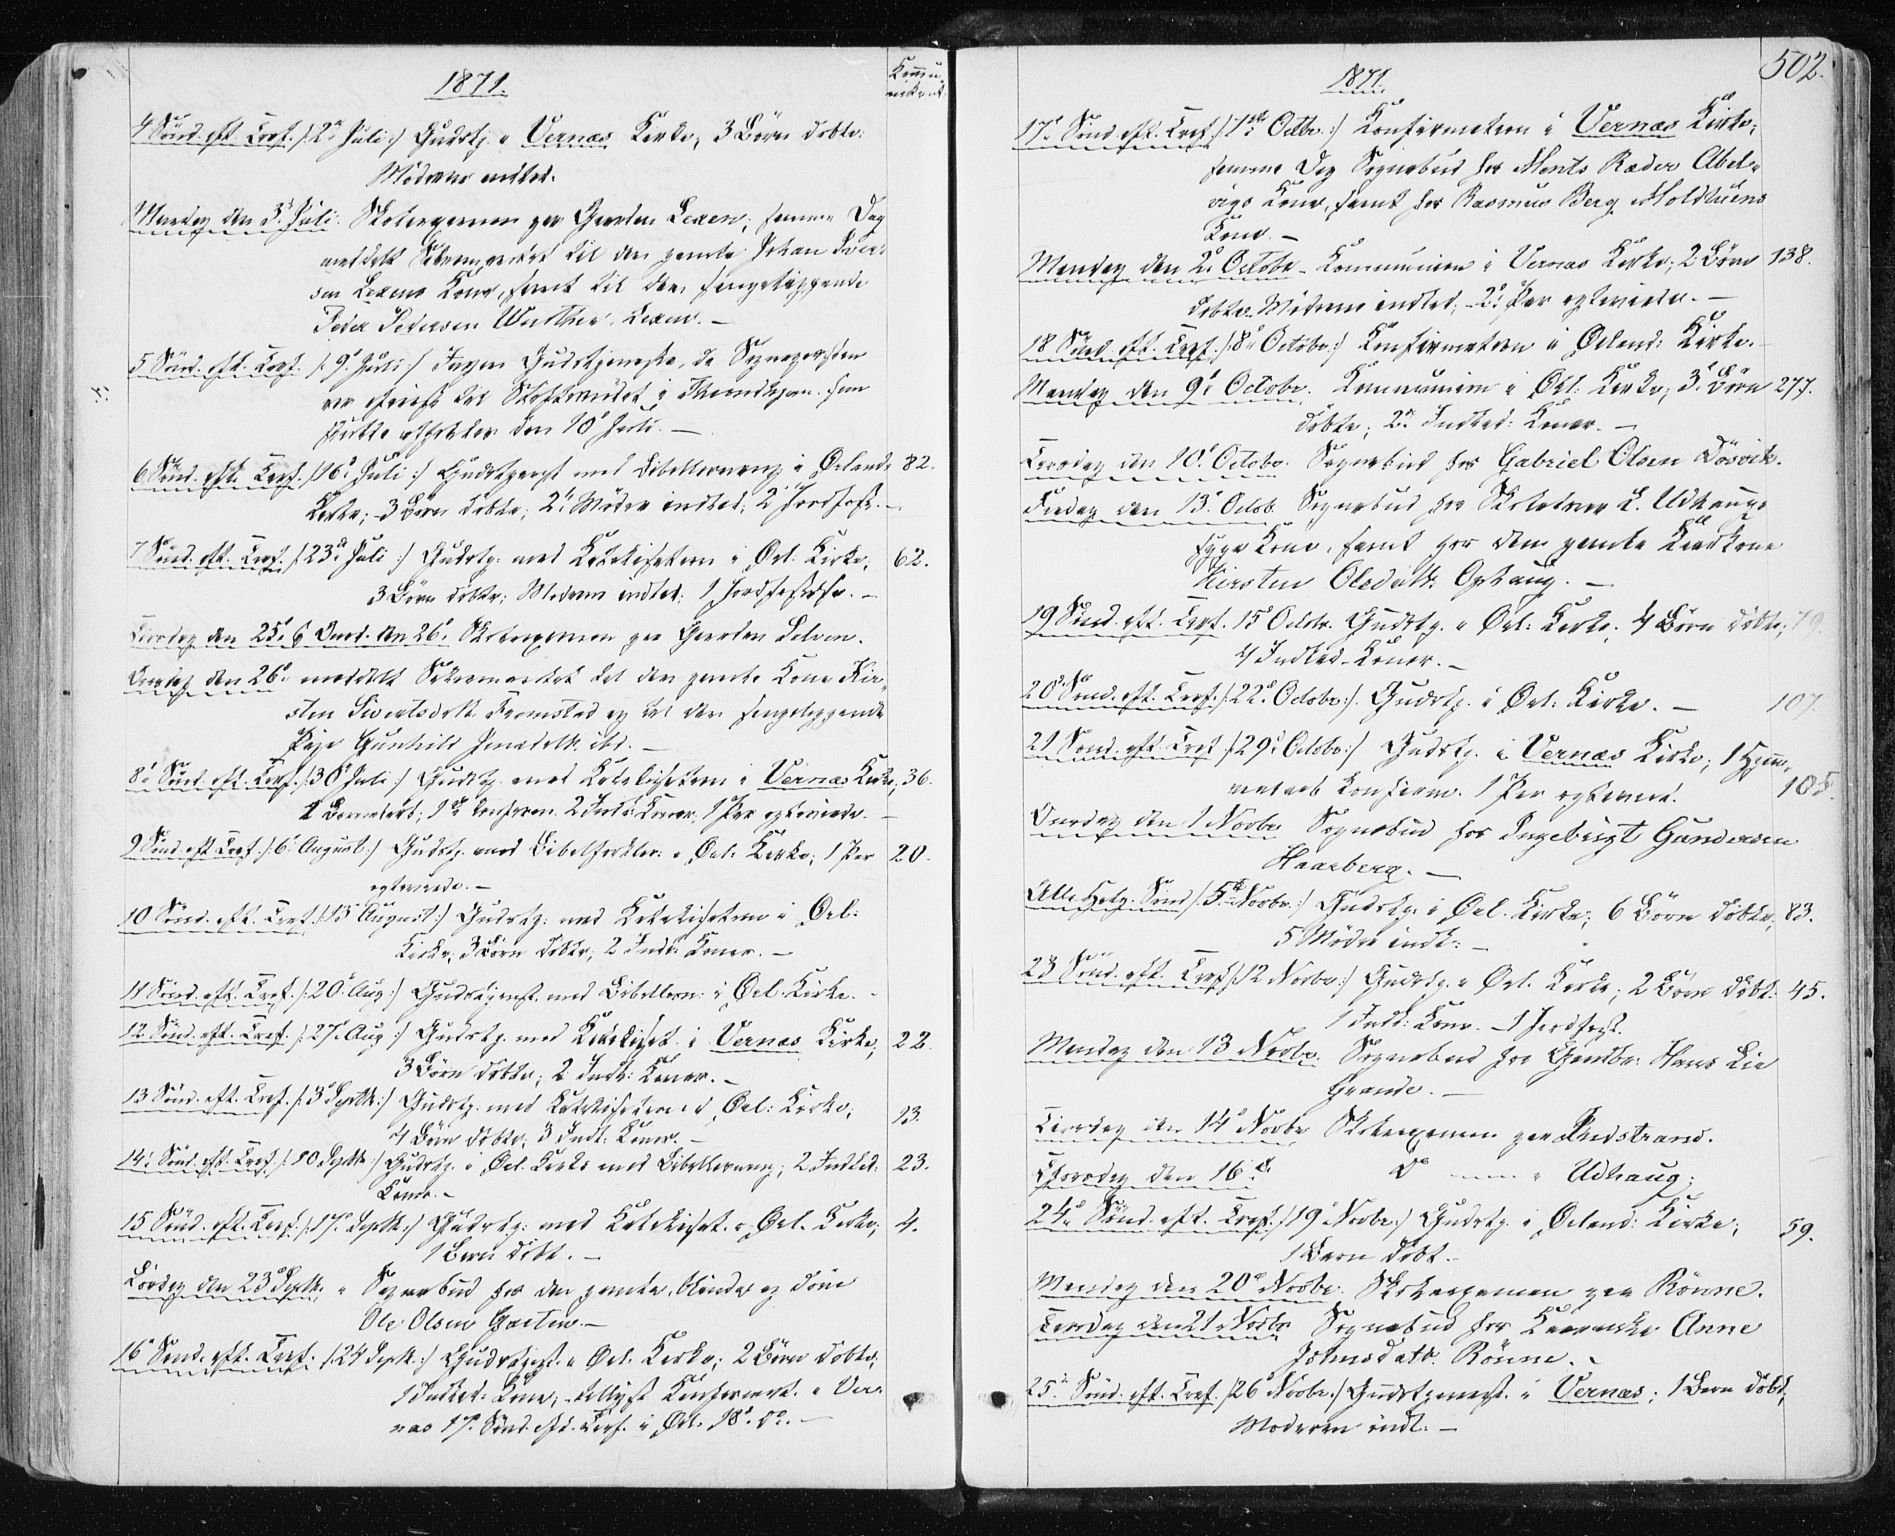 SAT, Ministerialprotokoller, klokkerbøker og fødselsregistre - Sør-Trøndelag, 659/L0737: Ministerialbok nr. 659A07, 1857-1875, s. 502